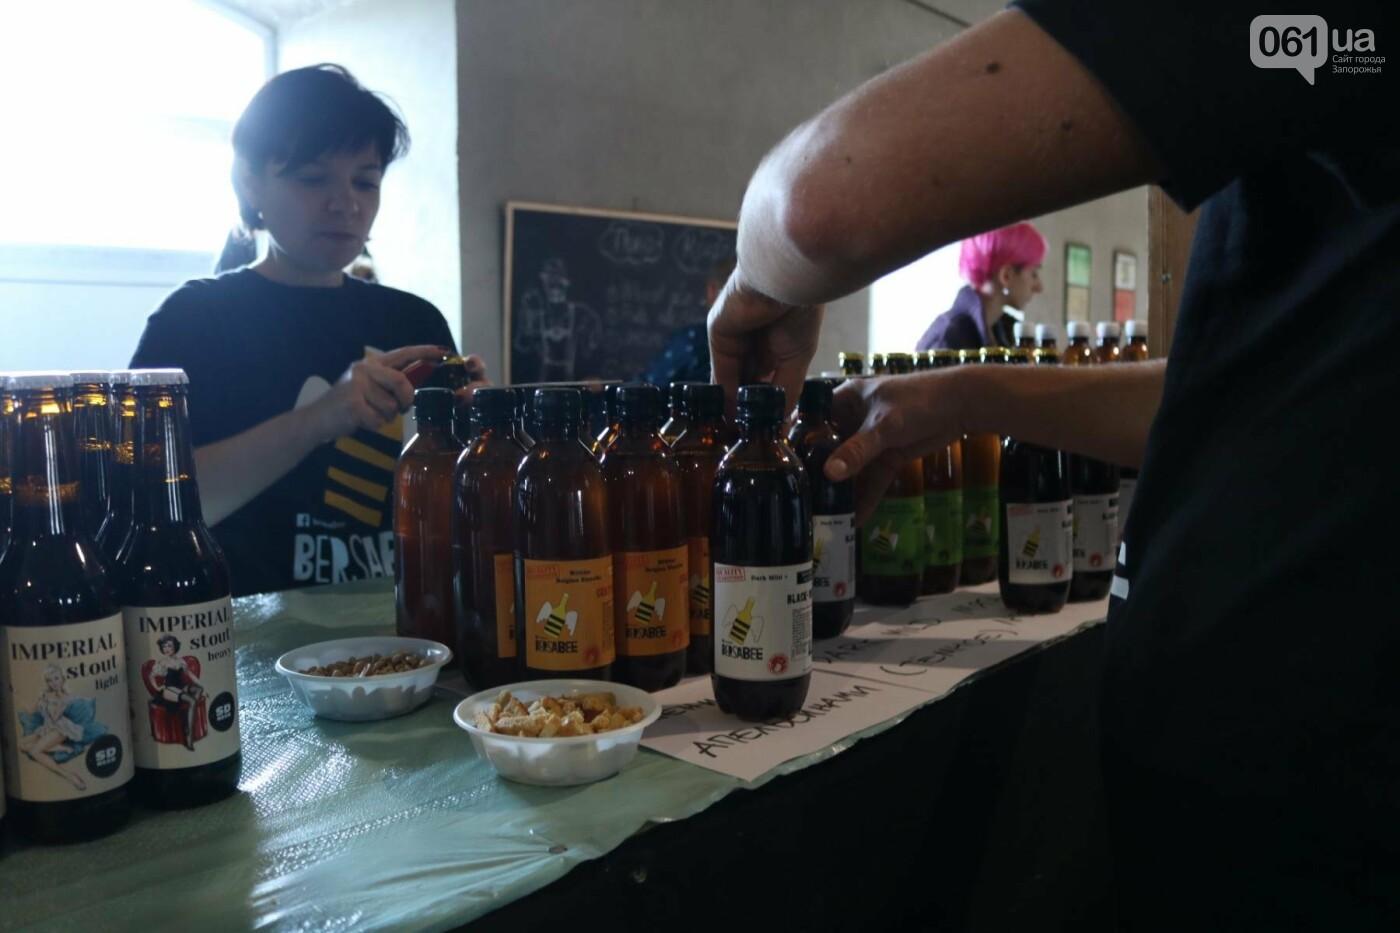 Как в Запорожье проходит фестиваль крафтового пива, - ФОТОРЕПОРТАЖ , фото-15